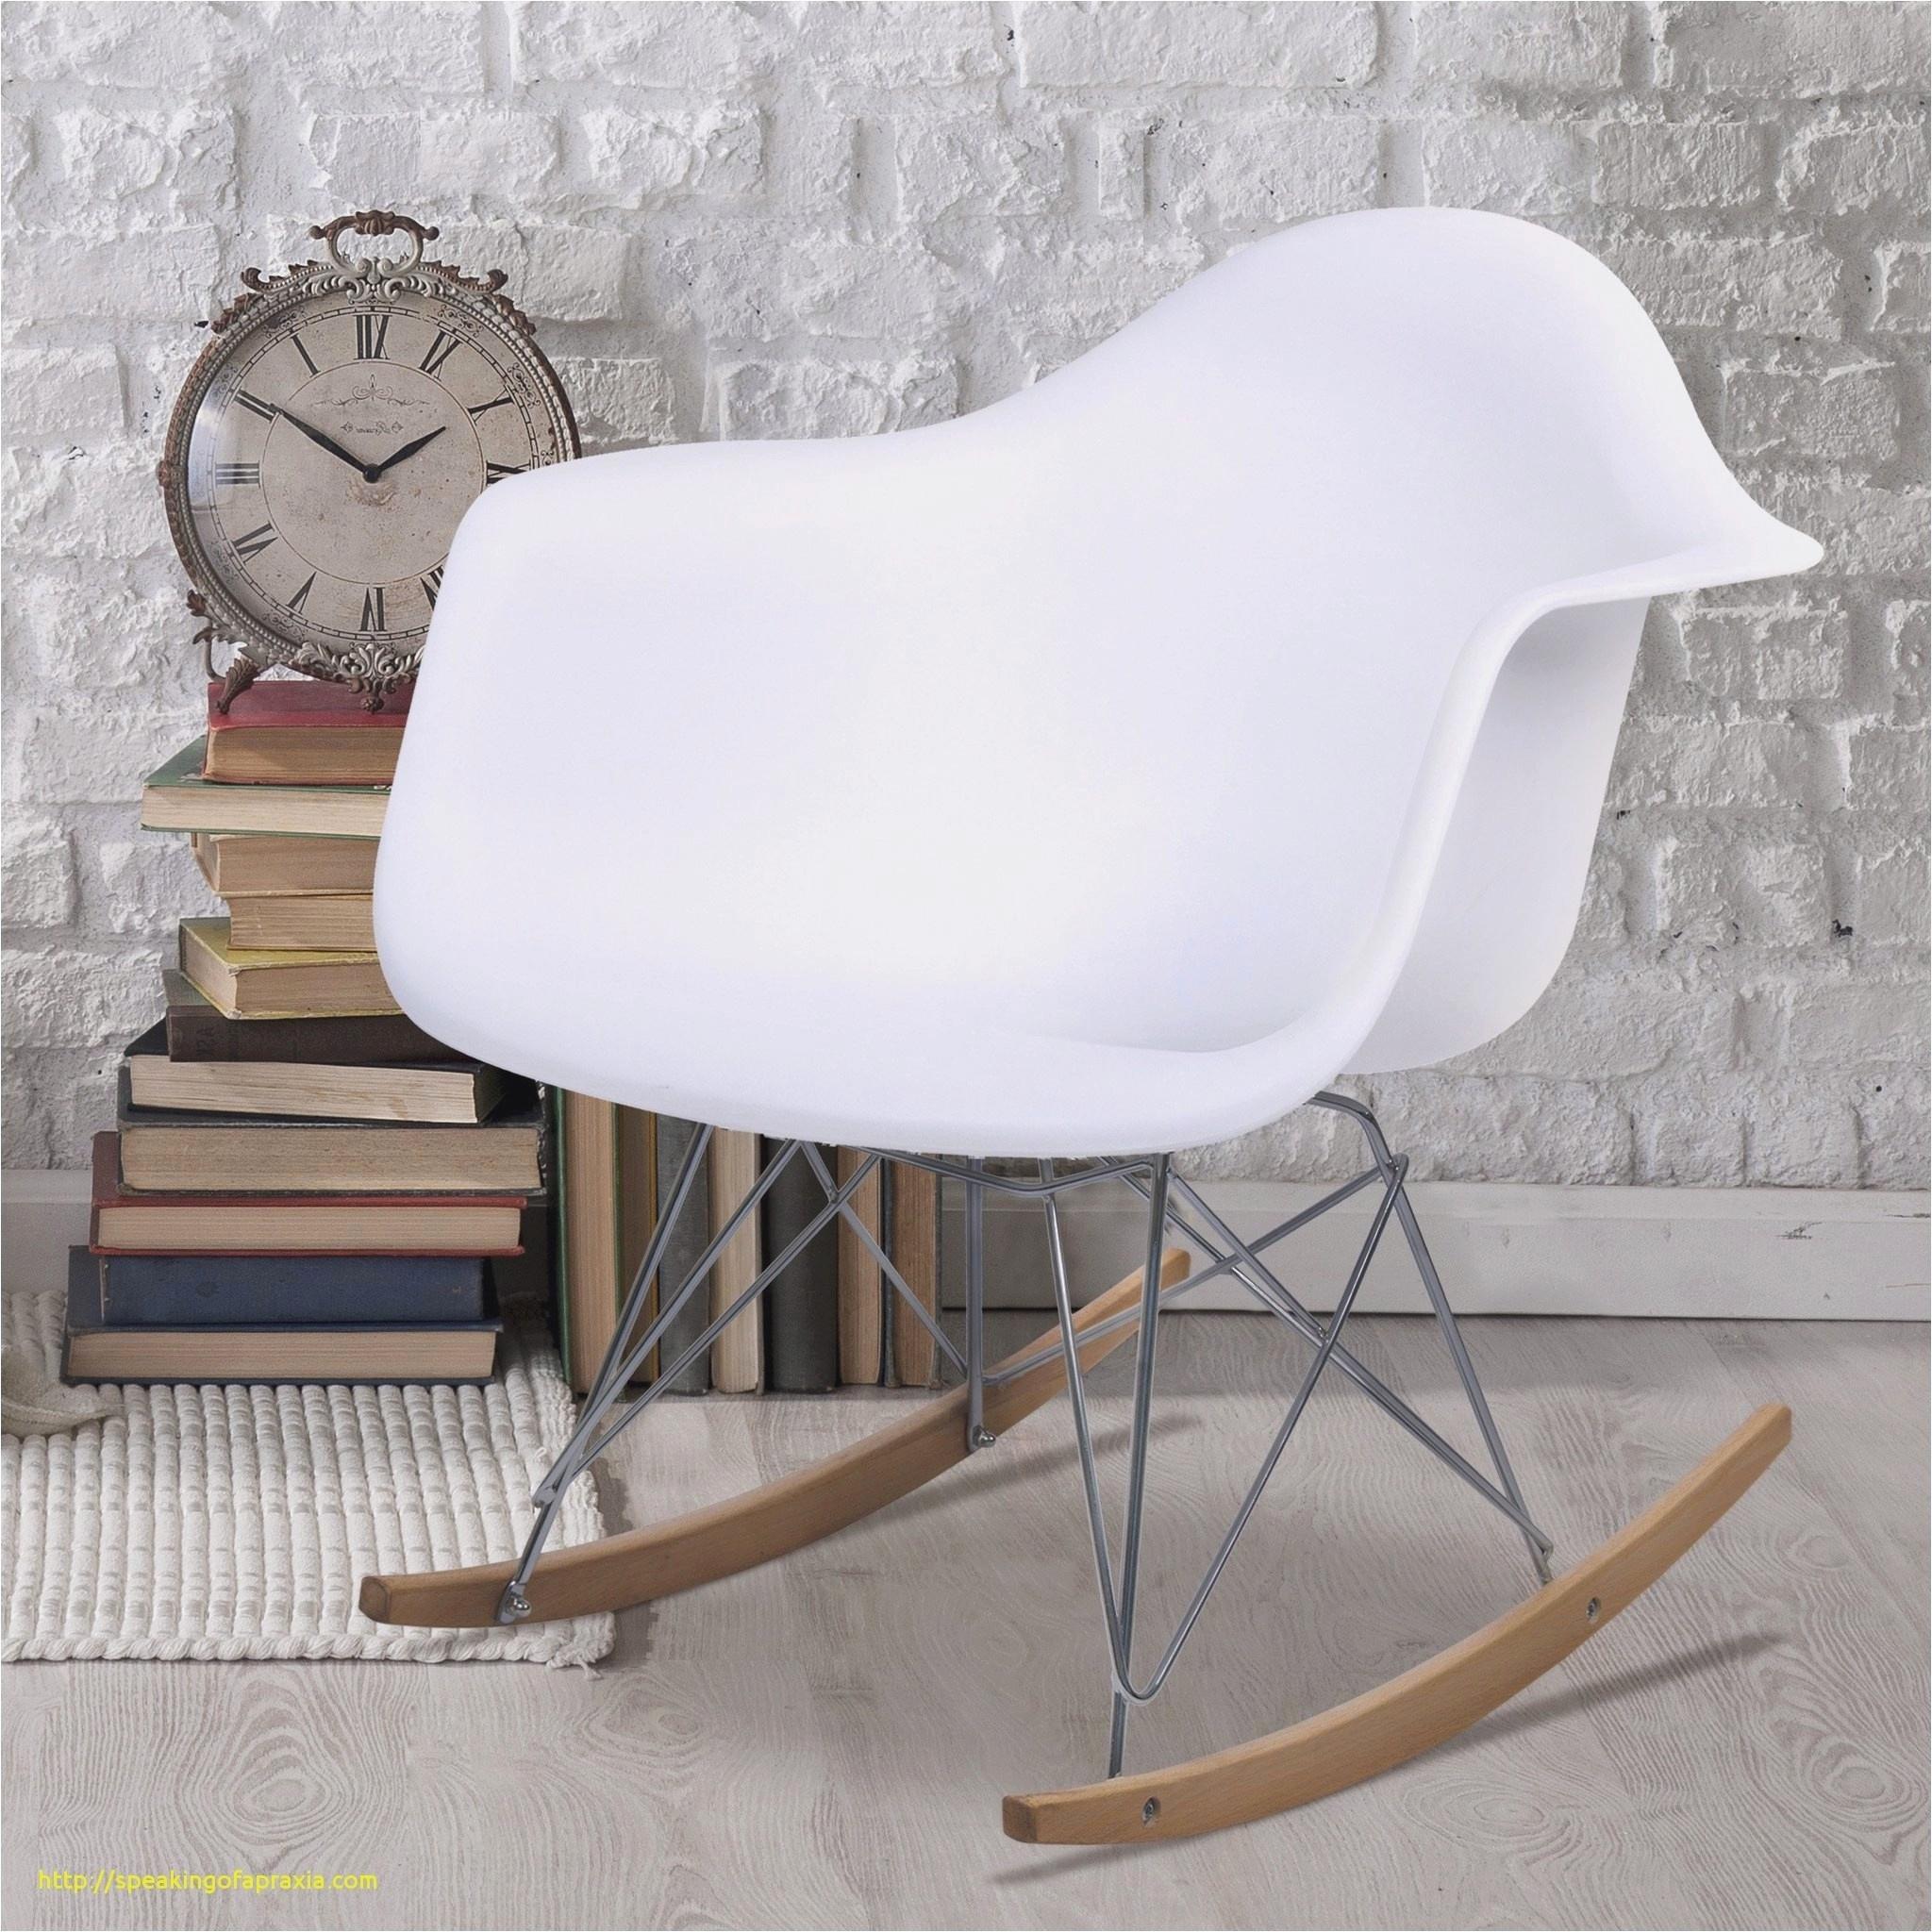 chaise a bascule scandinave photo de chaise bascule scandinave chaise blanche 0d elegant de of chaise a bascule scandinave